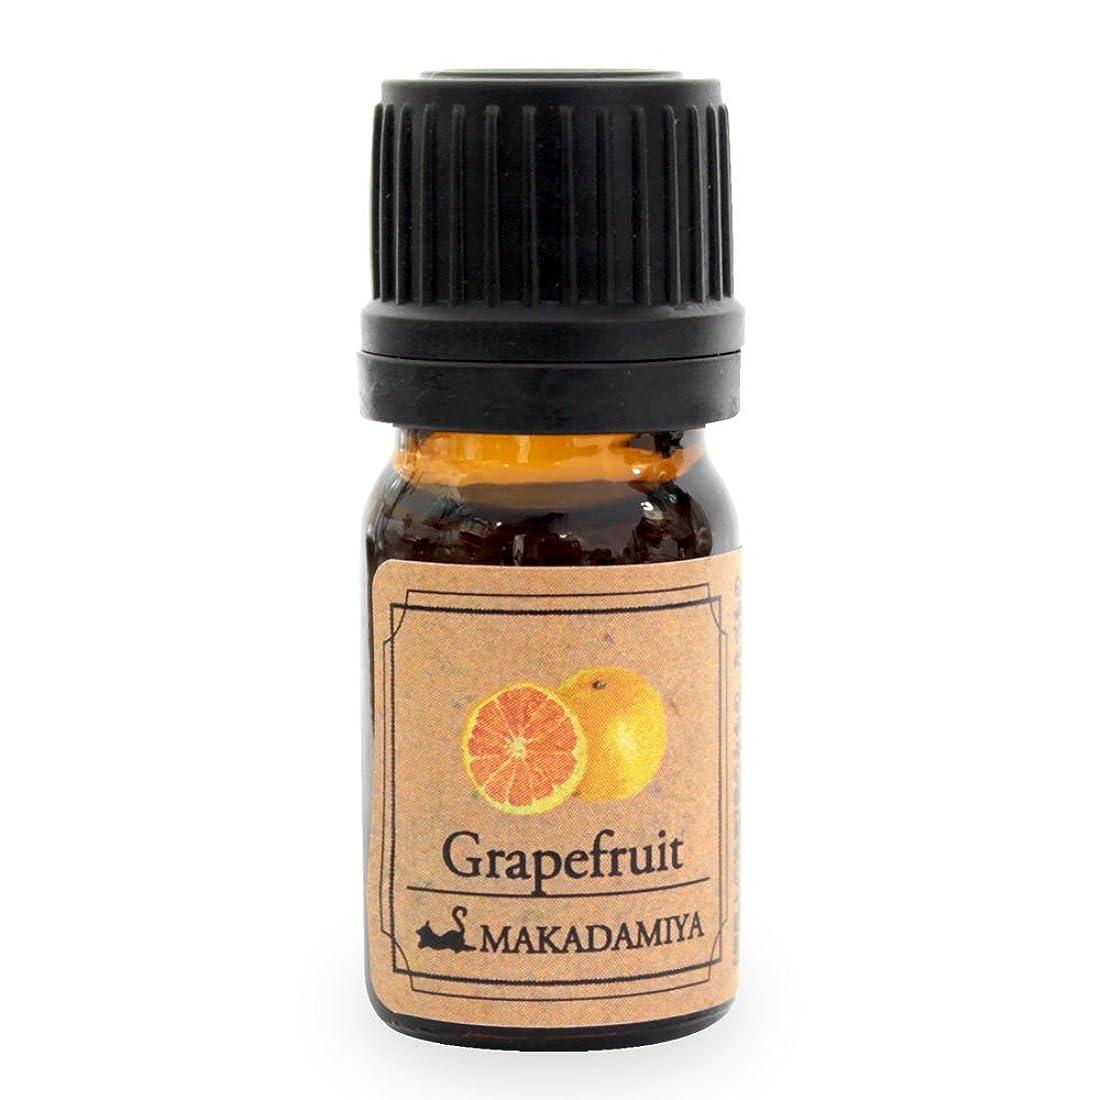 パトワ離婚ペッカディログレープフルーツ5ml 天然100%植物性 エッセンシャルオイル(精油) アロマオイル アロママッサージ aroma Grapefruit